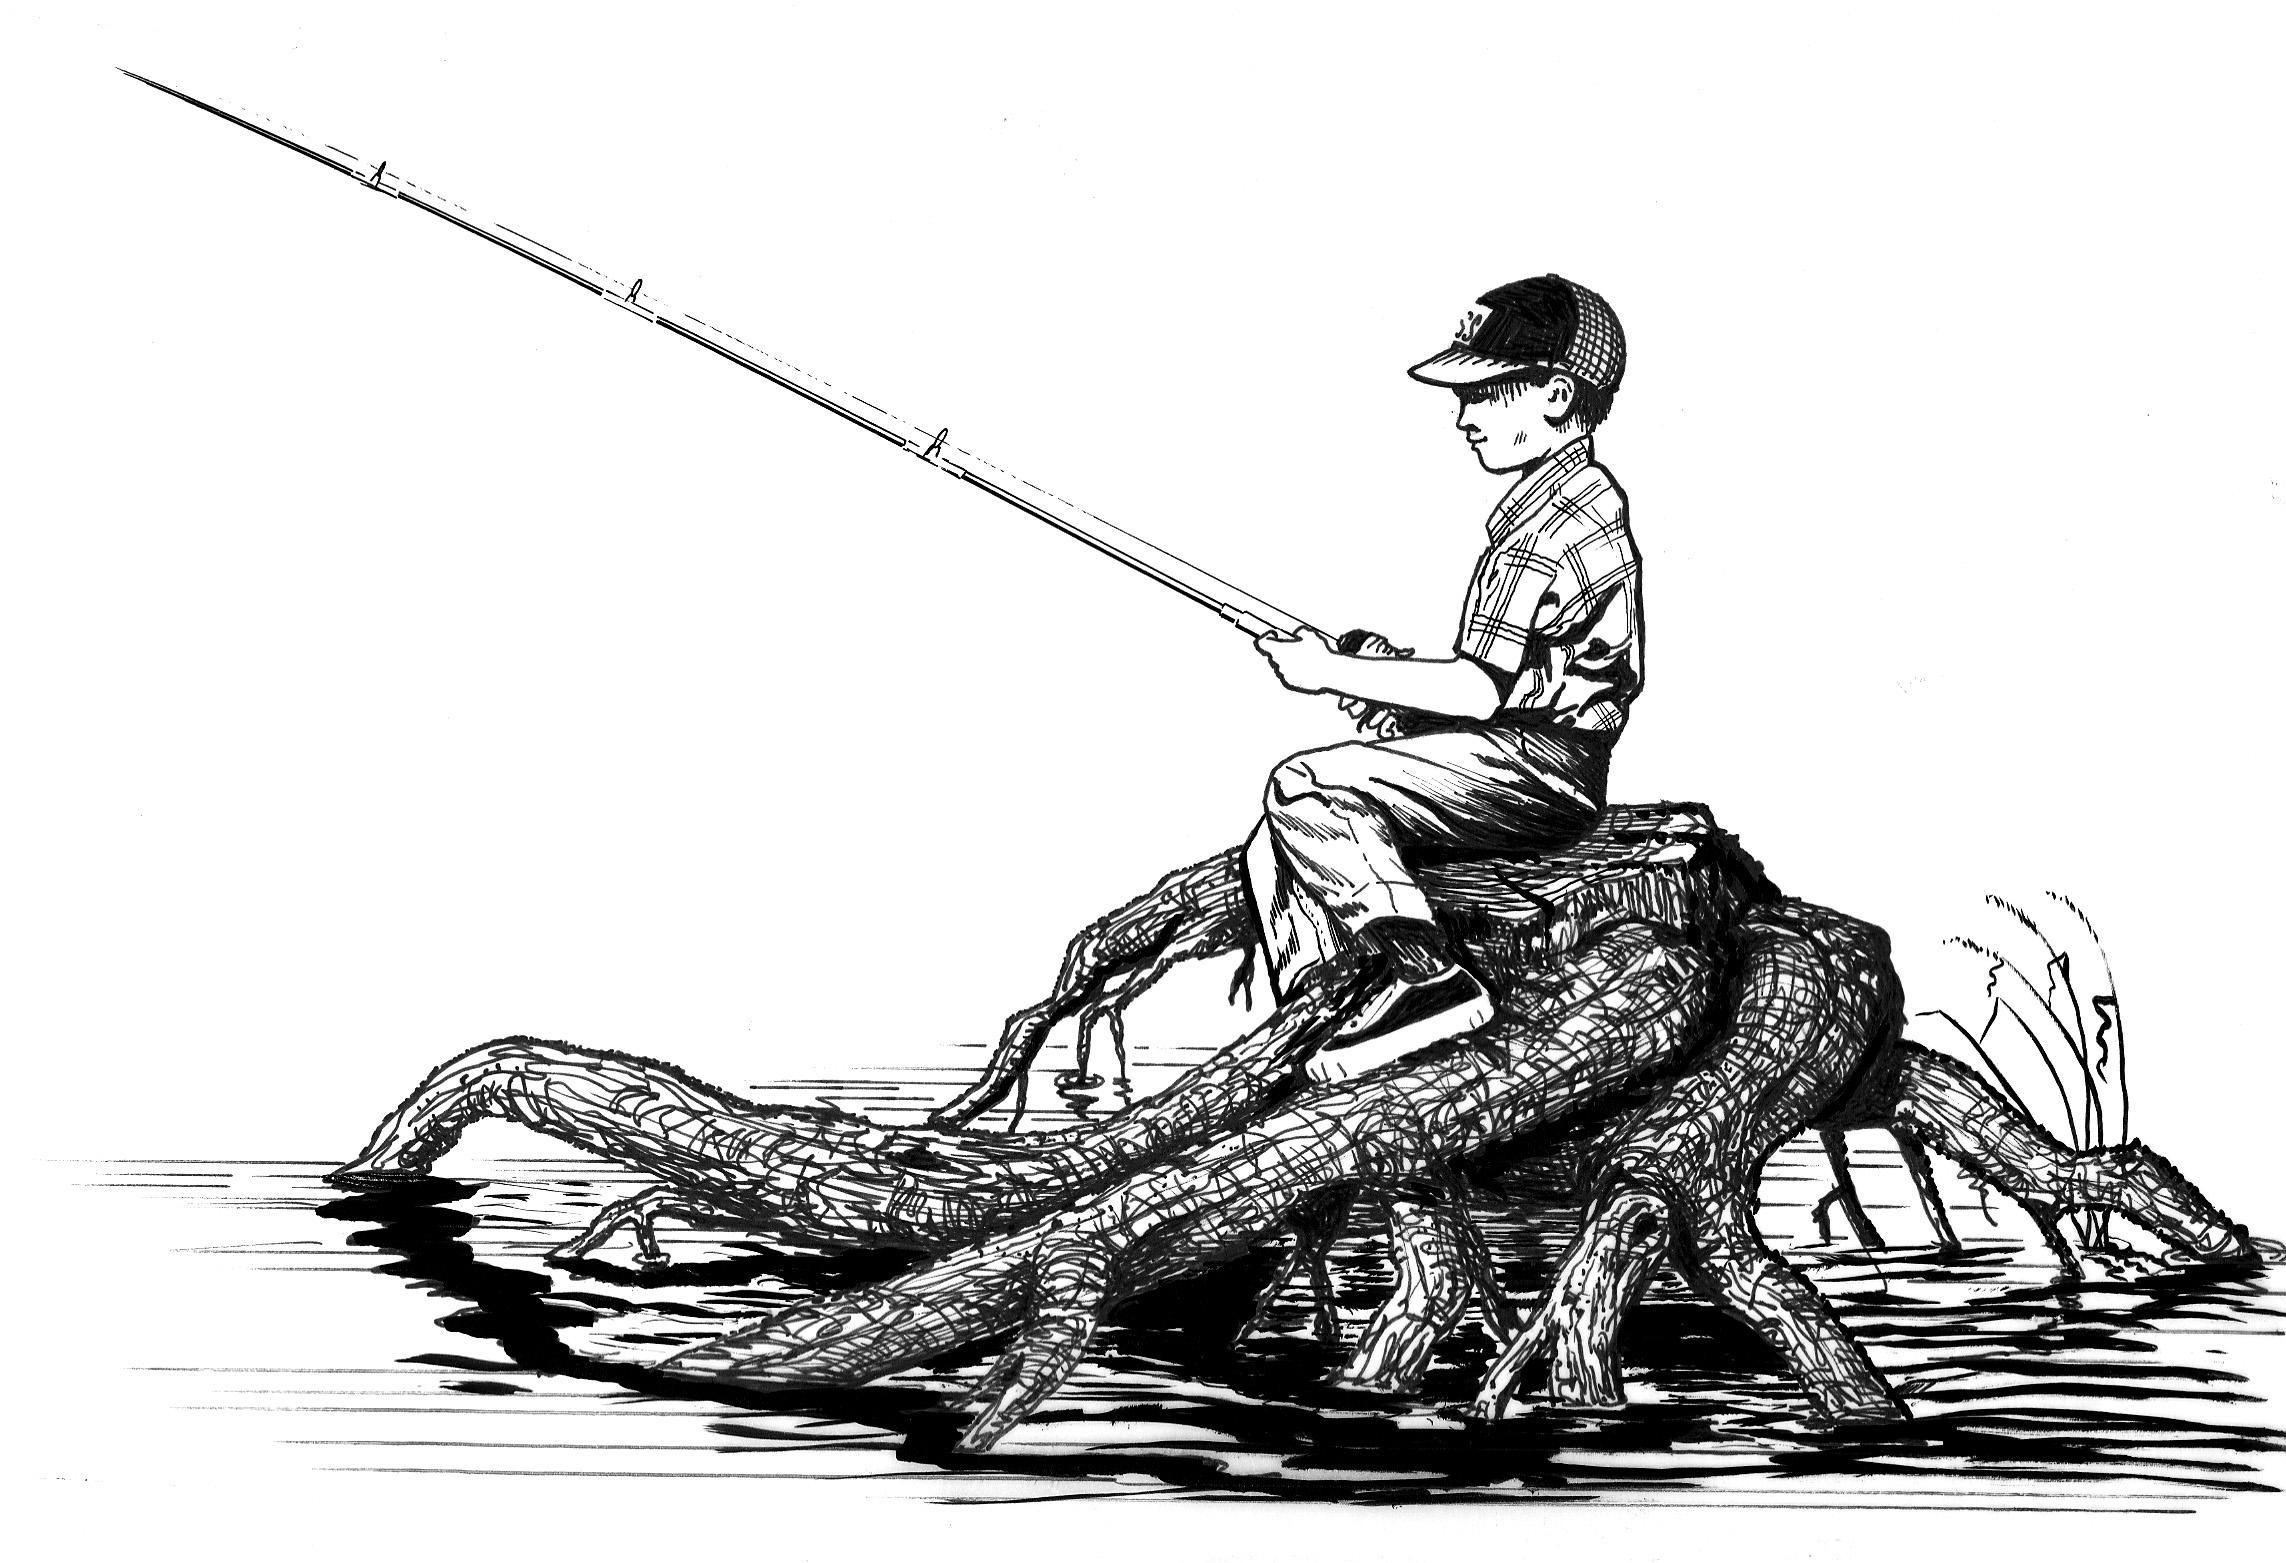 картинка карандаш рыбалка максимум